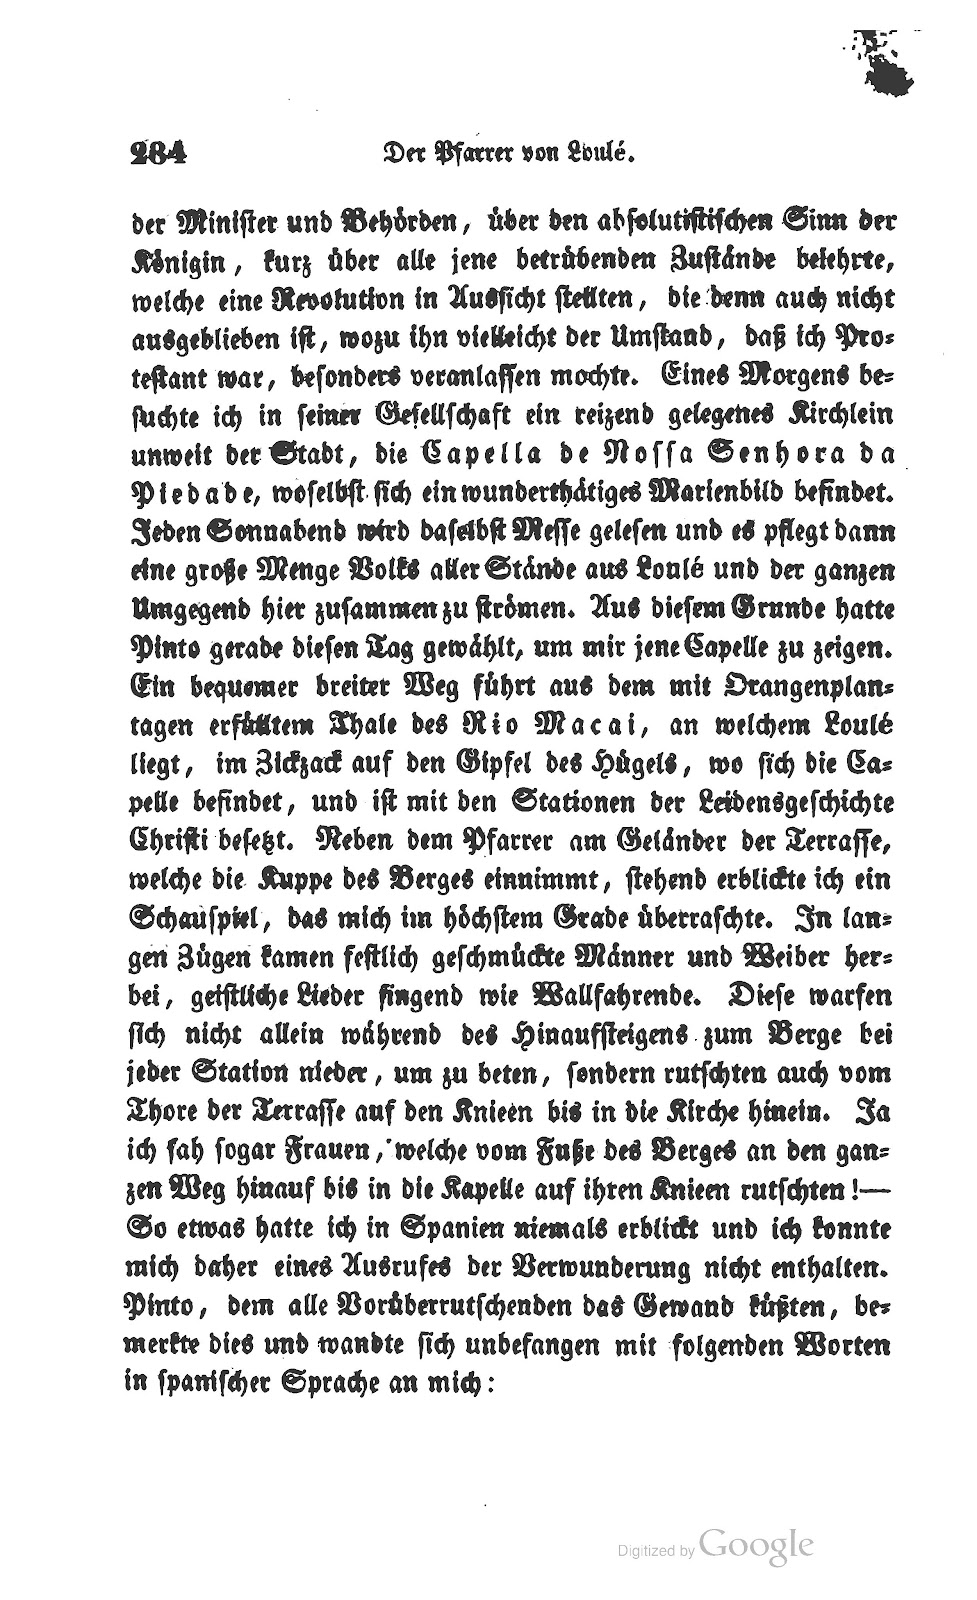 WIllkomm - 10. Kapitel Pages from Zwei_Jahre_in_Spanien_und_Portugal(3)_Page_26.jpg